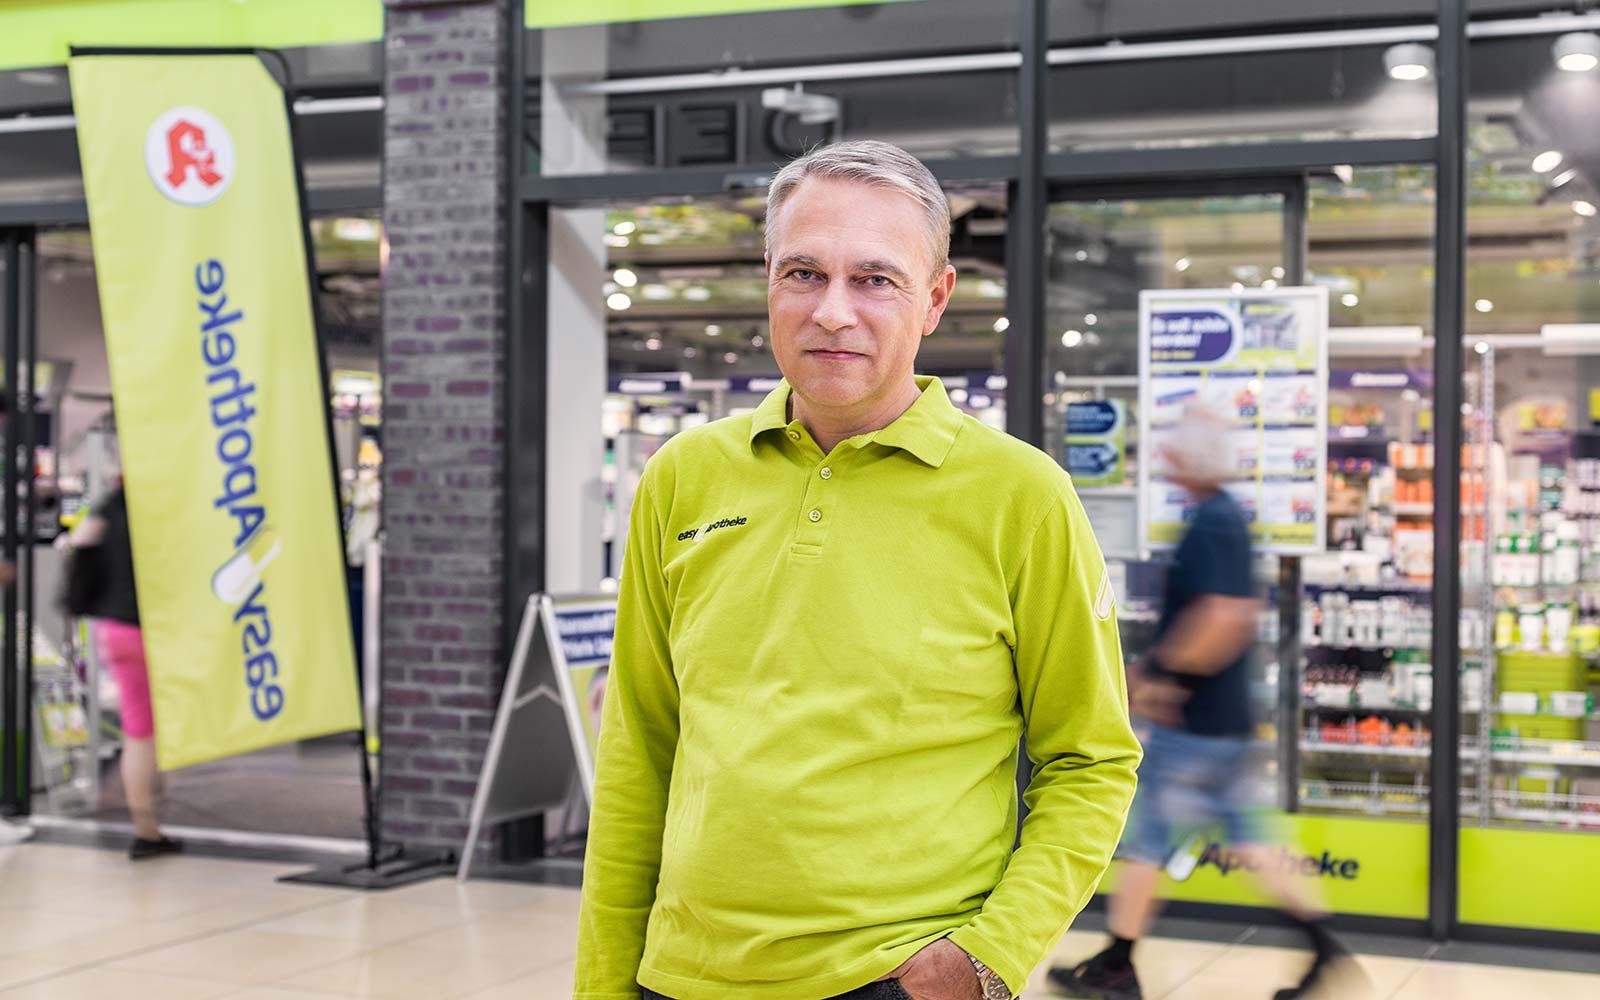 Apotheker Andreas Fritsch vor seiner easyApotheke in Landshut